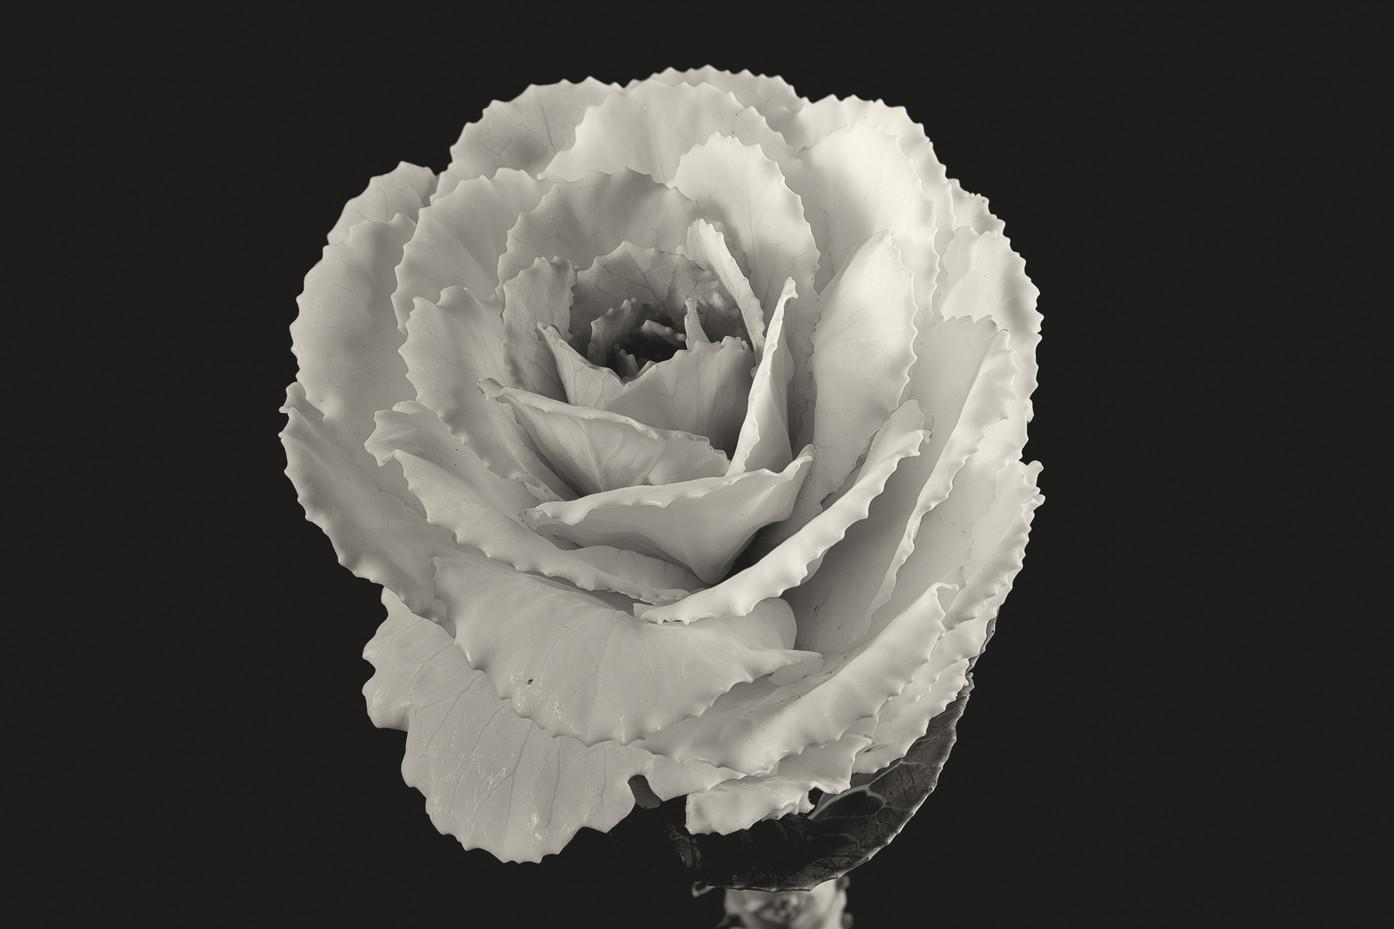 Flower Cabbage Flower-1.jpg